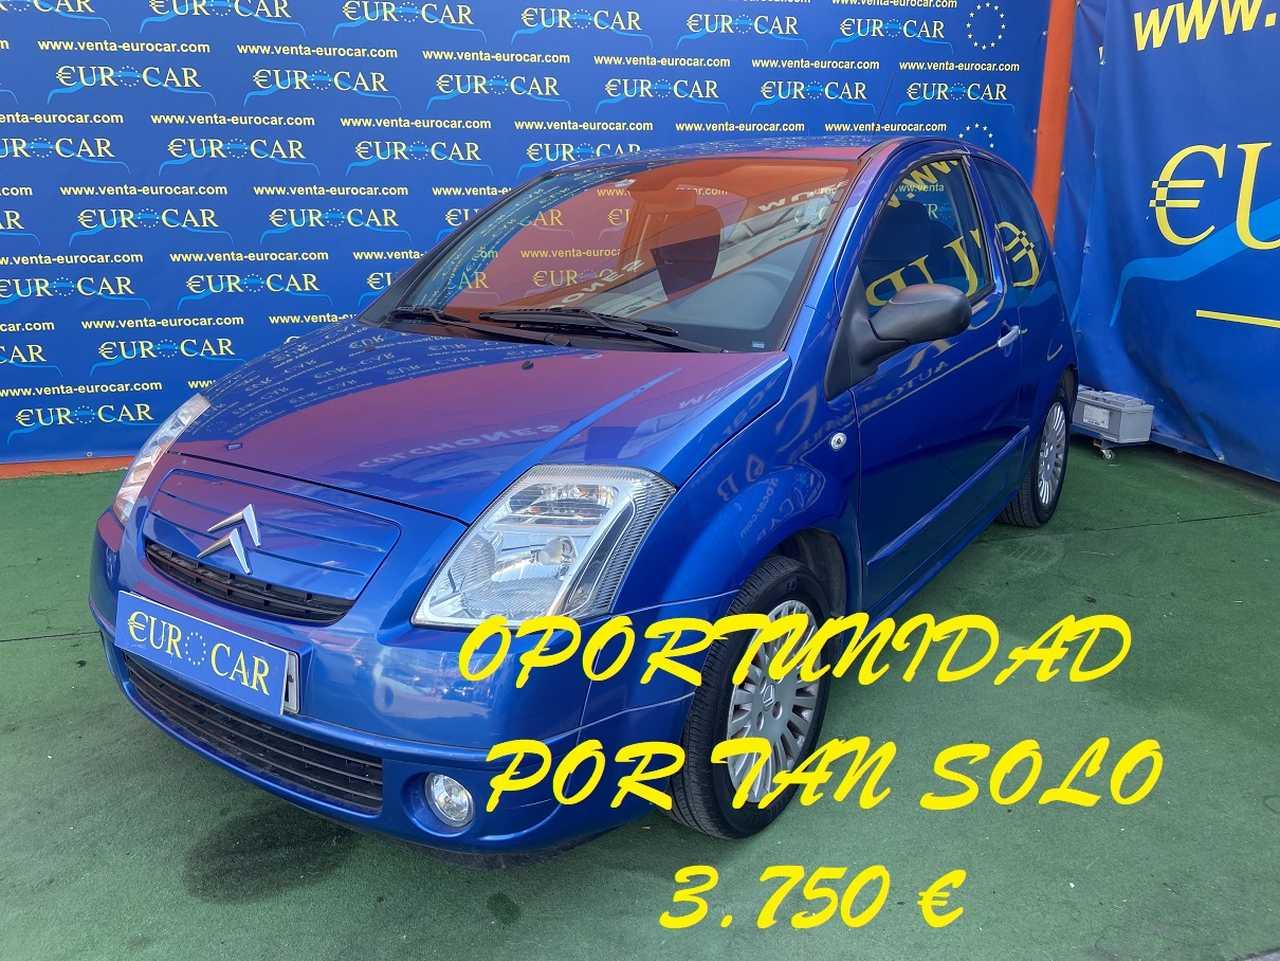 Citroën C2 ocasión segunda mano 2006 Diésel por 3.750€ en Alicante